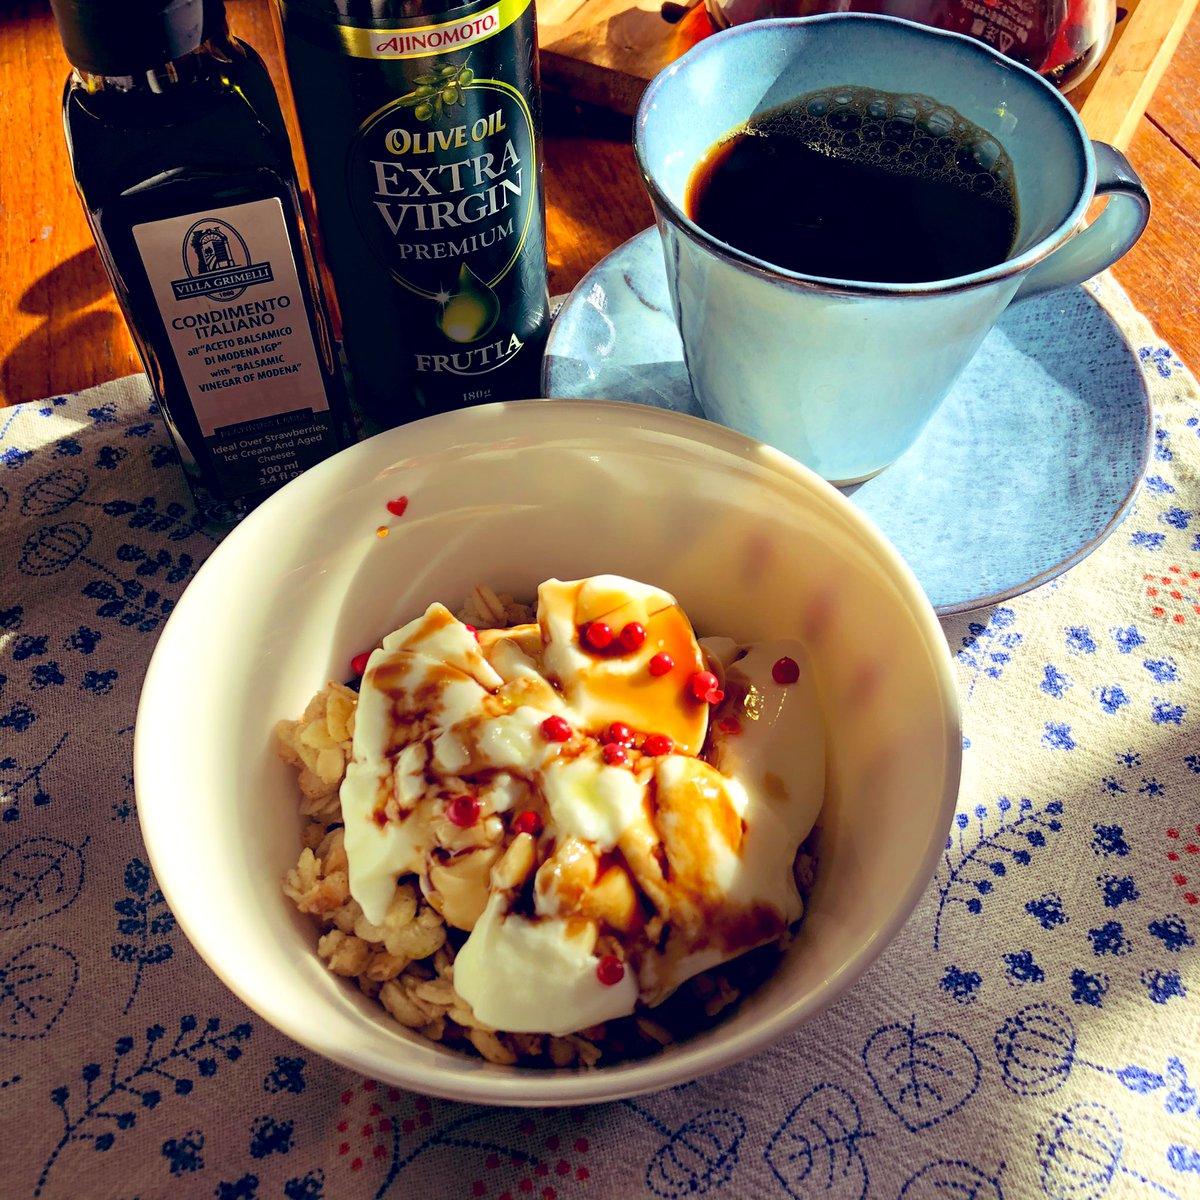 ちょっと体調が崩れて…食欲だけが取り柄の私の食欲が…ない(;_;)で朝ごはんこんな感じにフルーツグラノーラにヨーグルトをトッピングバルサミコ酢をかけて彩りにピンクペッパーやりんごやプチトマト仕上げはもちろん #AJINOMOTOオリーブオイル をひとかけこれダイエットにもいいよ😋